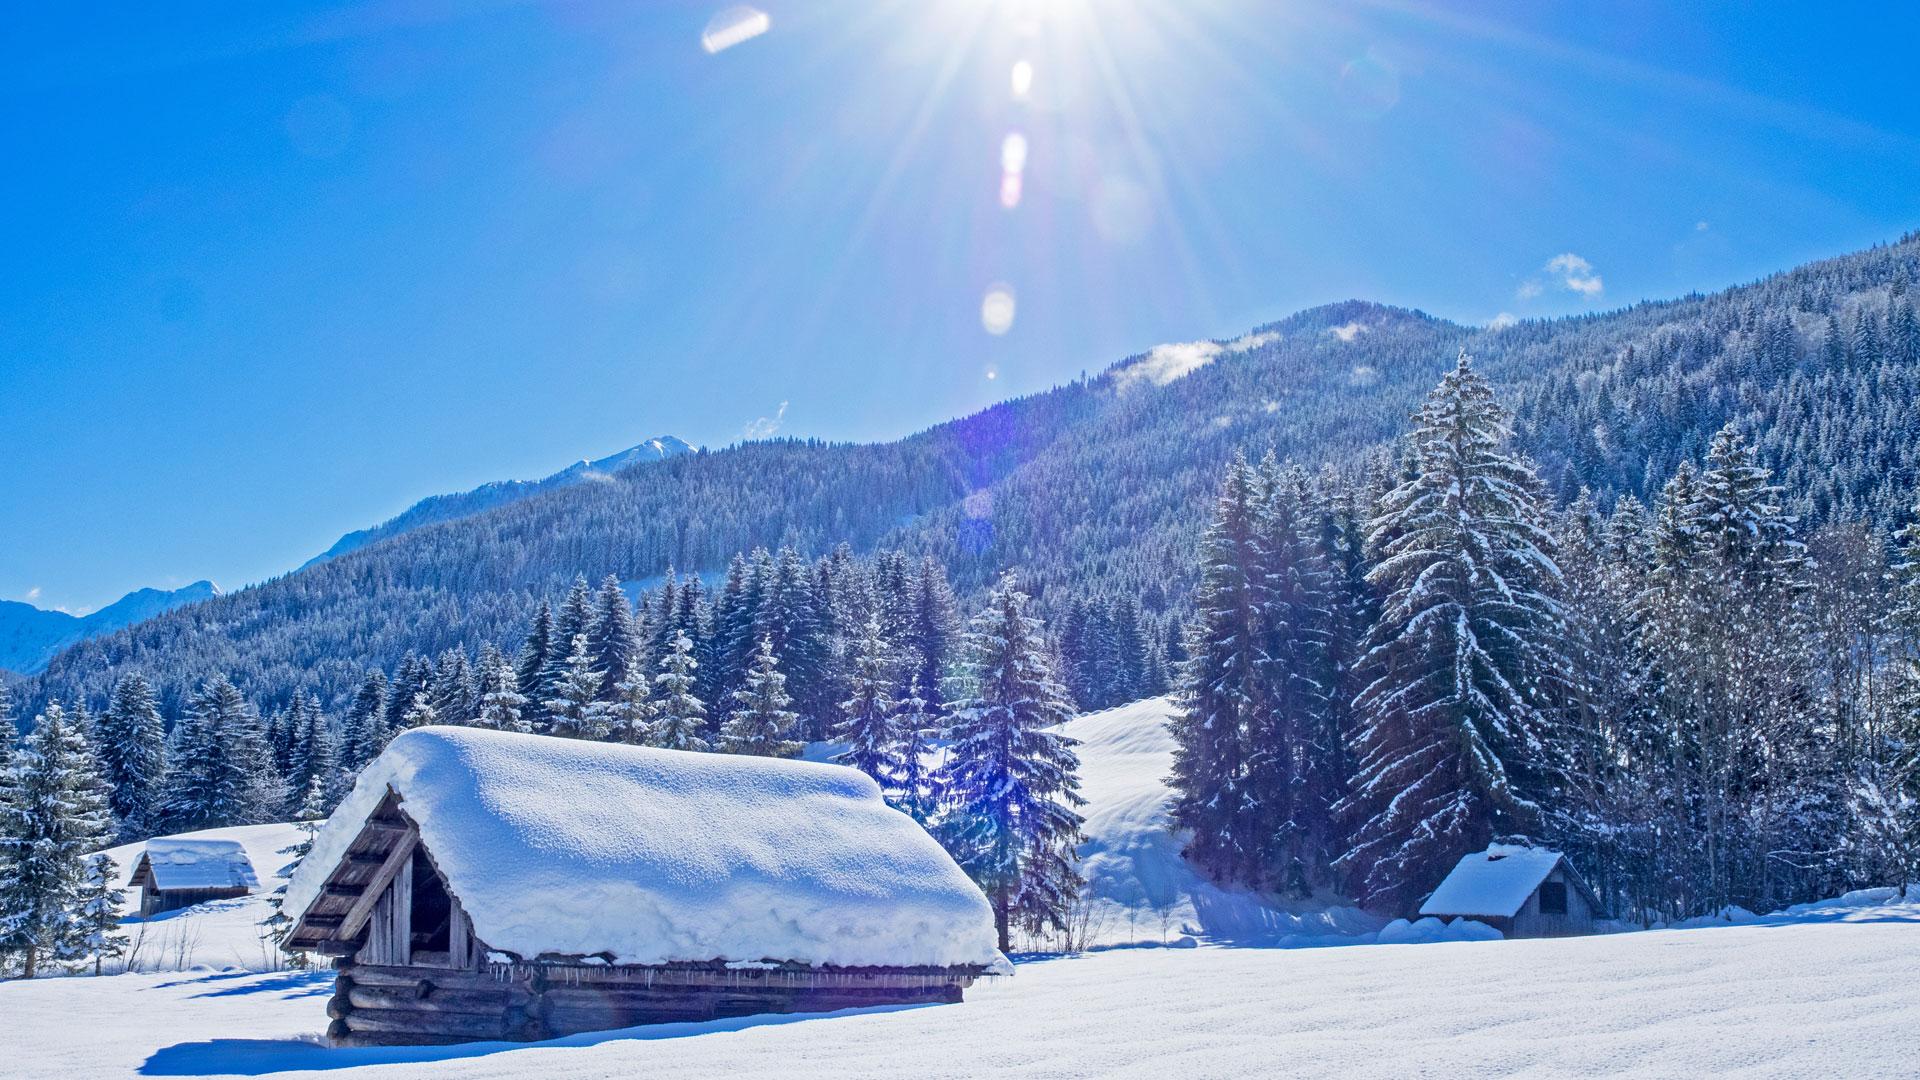 Căn nhà nhỏ vào mùa đông tuyết phủ